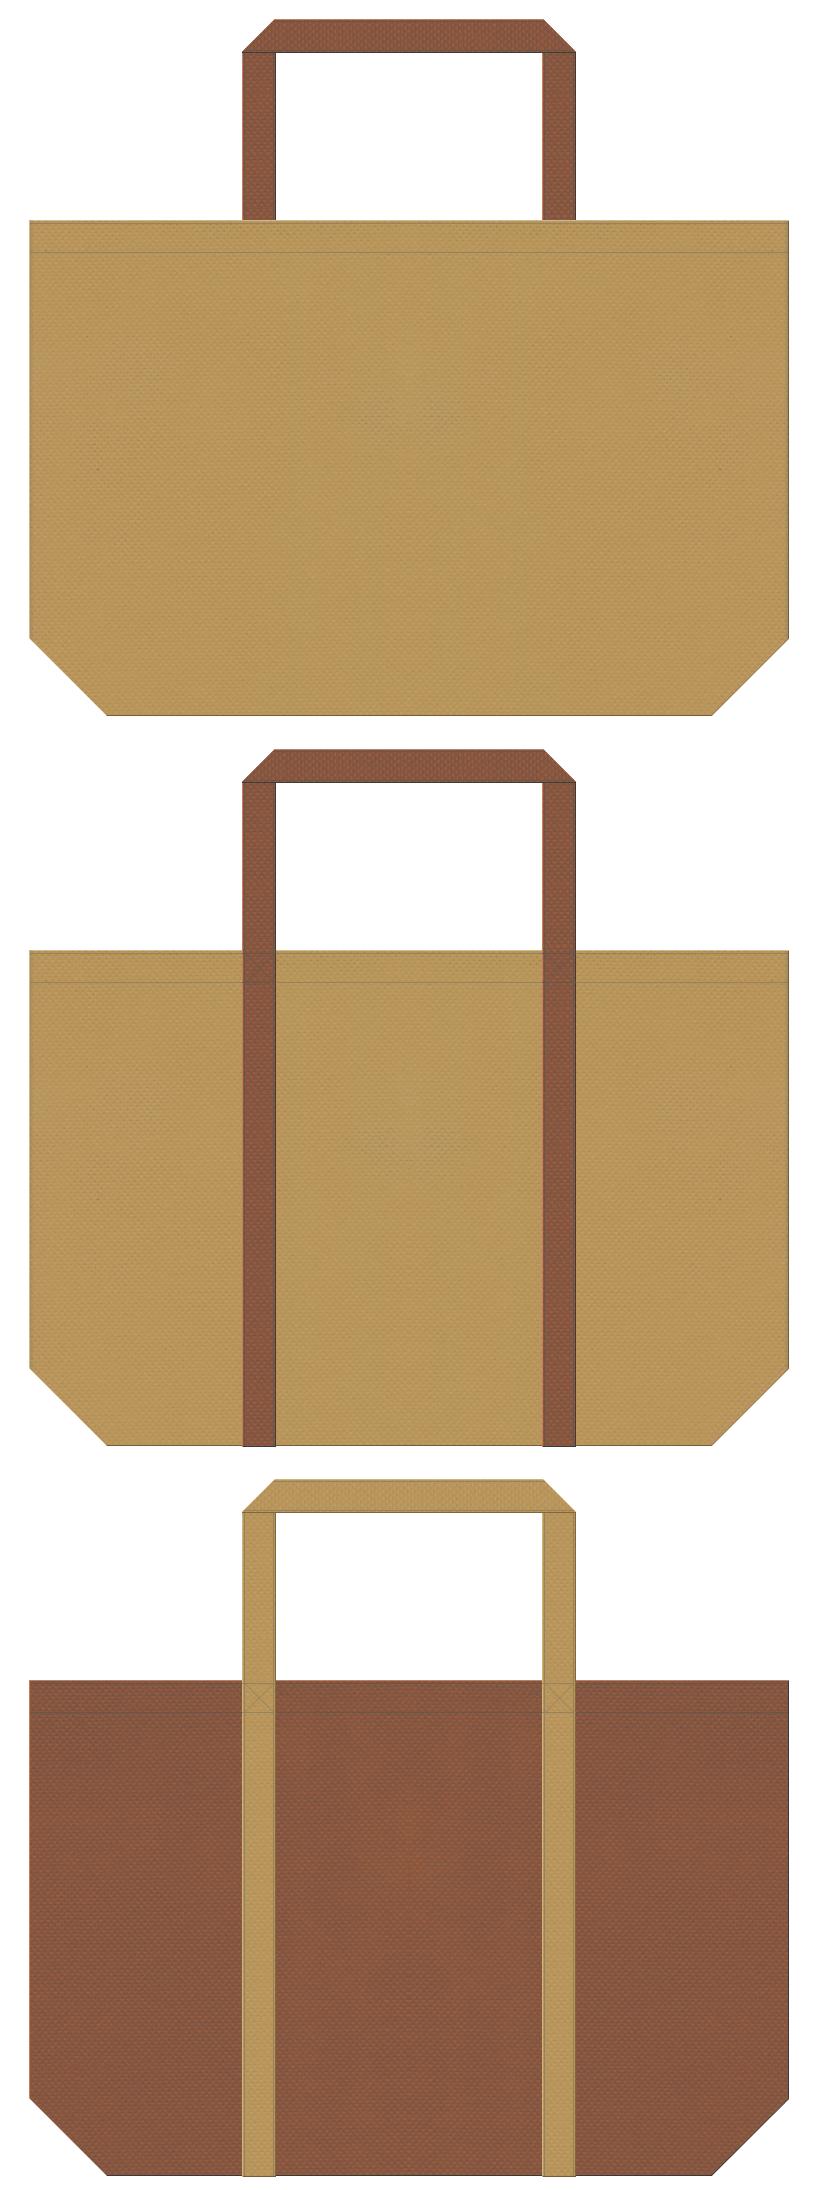 金色系黄土色と茶色の不織布バッグデザイン。木製食器・木製インテリアのイメージにお奨めの配色です。